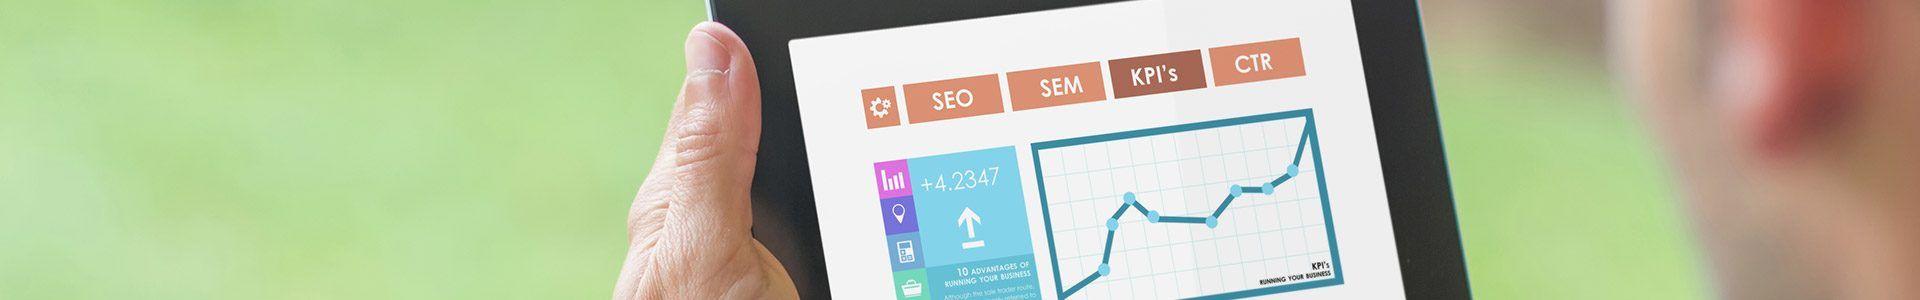 hoe leidt de inbound marketing funnel tot meer klanten